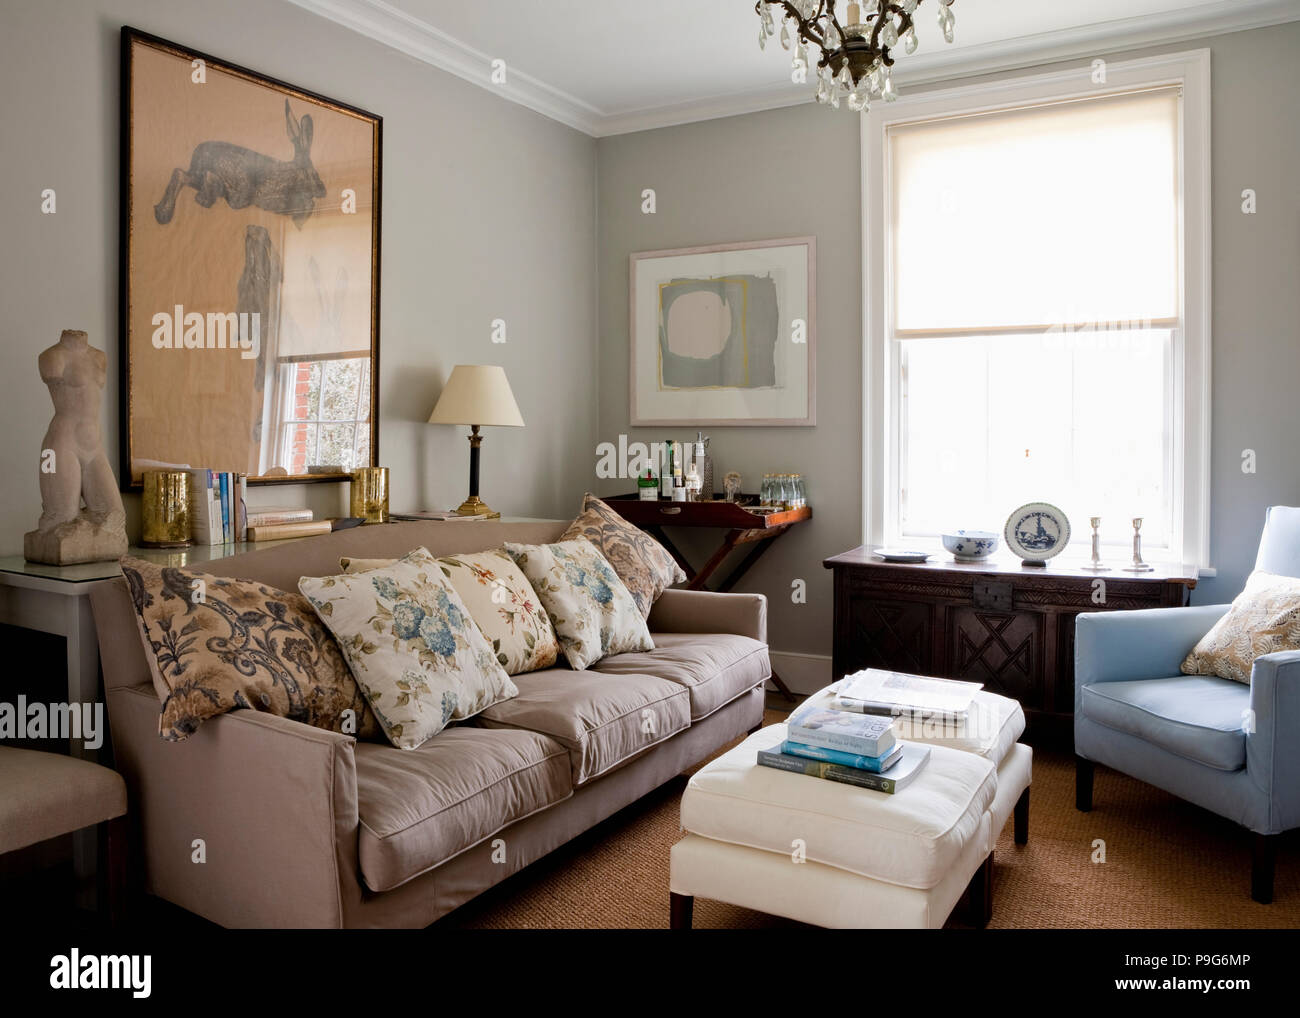 Biancheria floreale cuscini sui divani beige in grigio chiaro